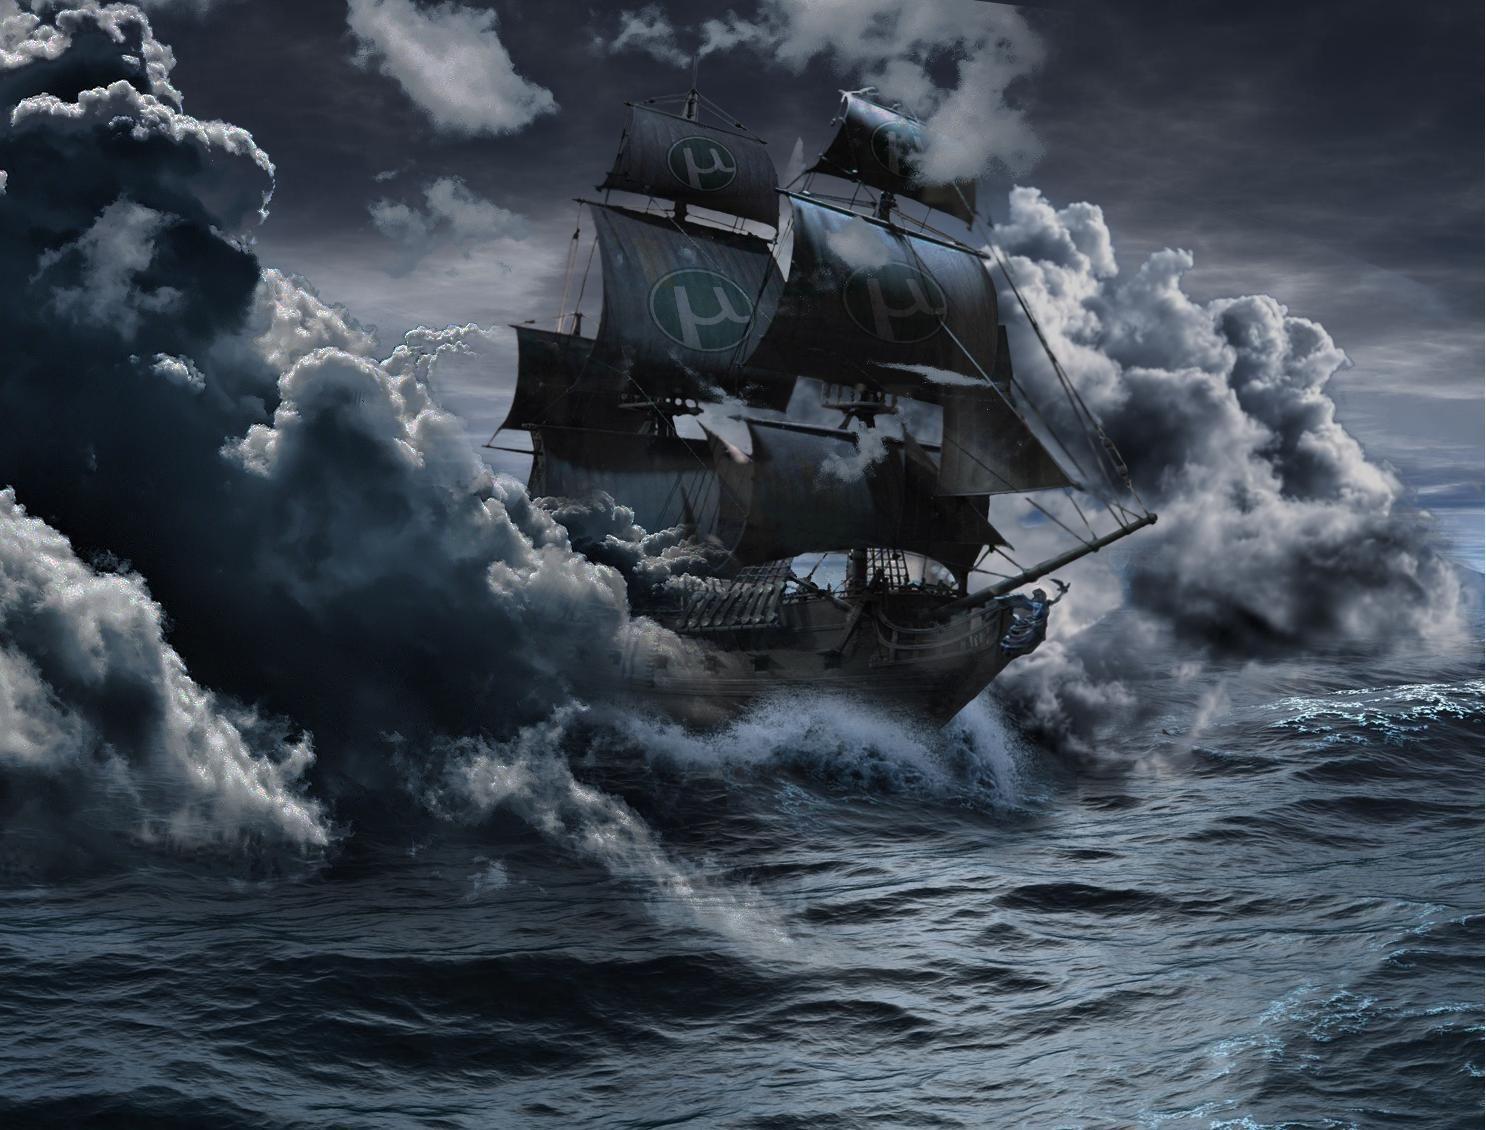 Pin De Santosdanielvincius Em Navios A Vela Assombrados Ou N Navios Antigos Caravela Navio O instituto, porém ensina alunos vindos até mesmo da bulgária. navios antigos caravela navio